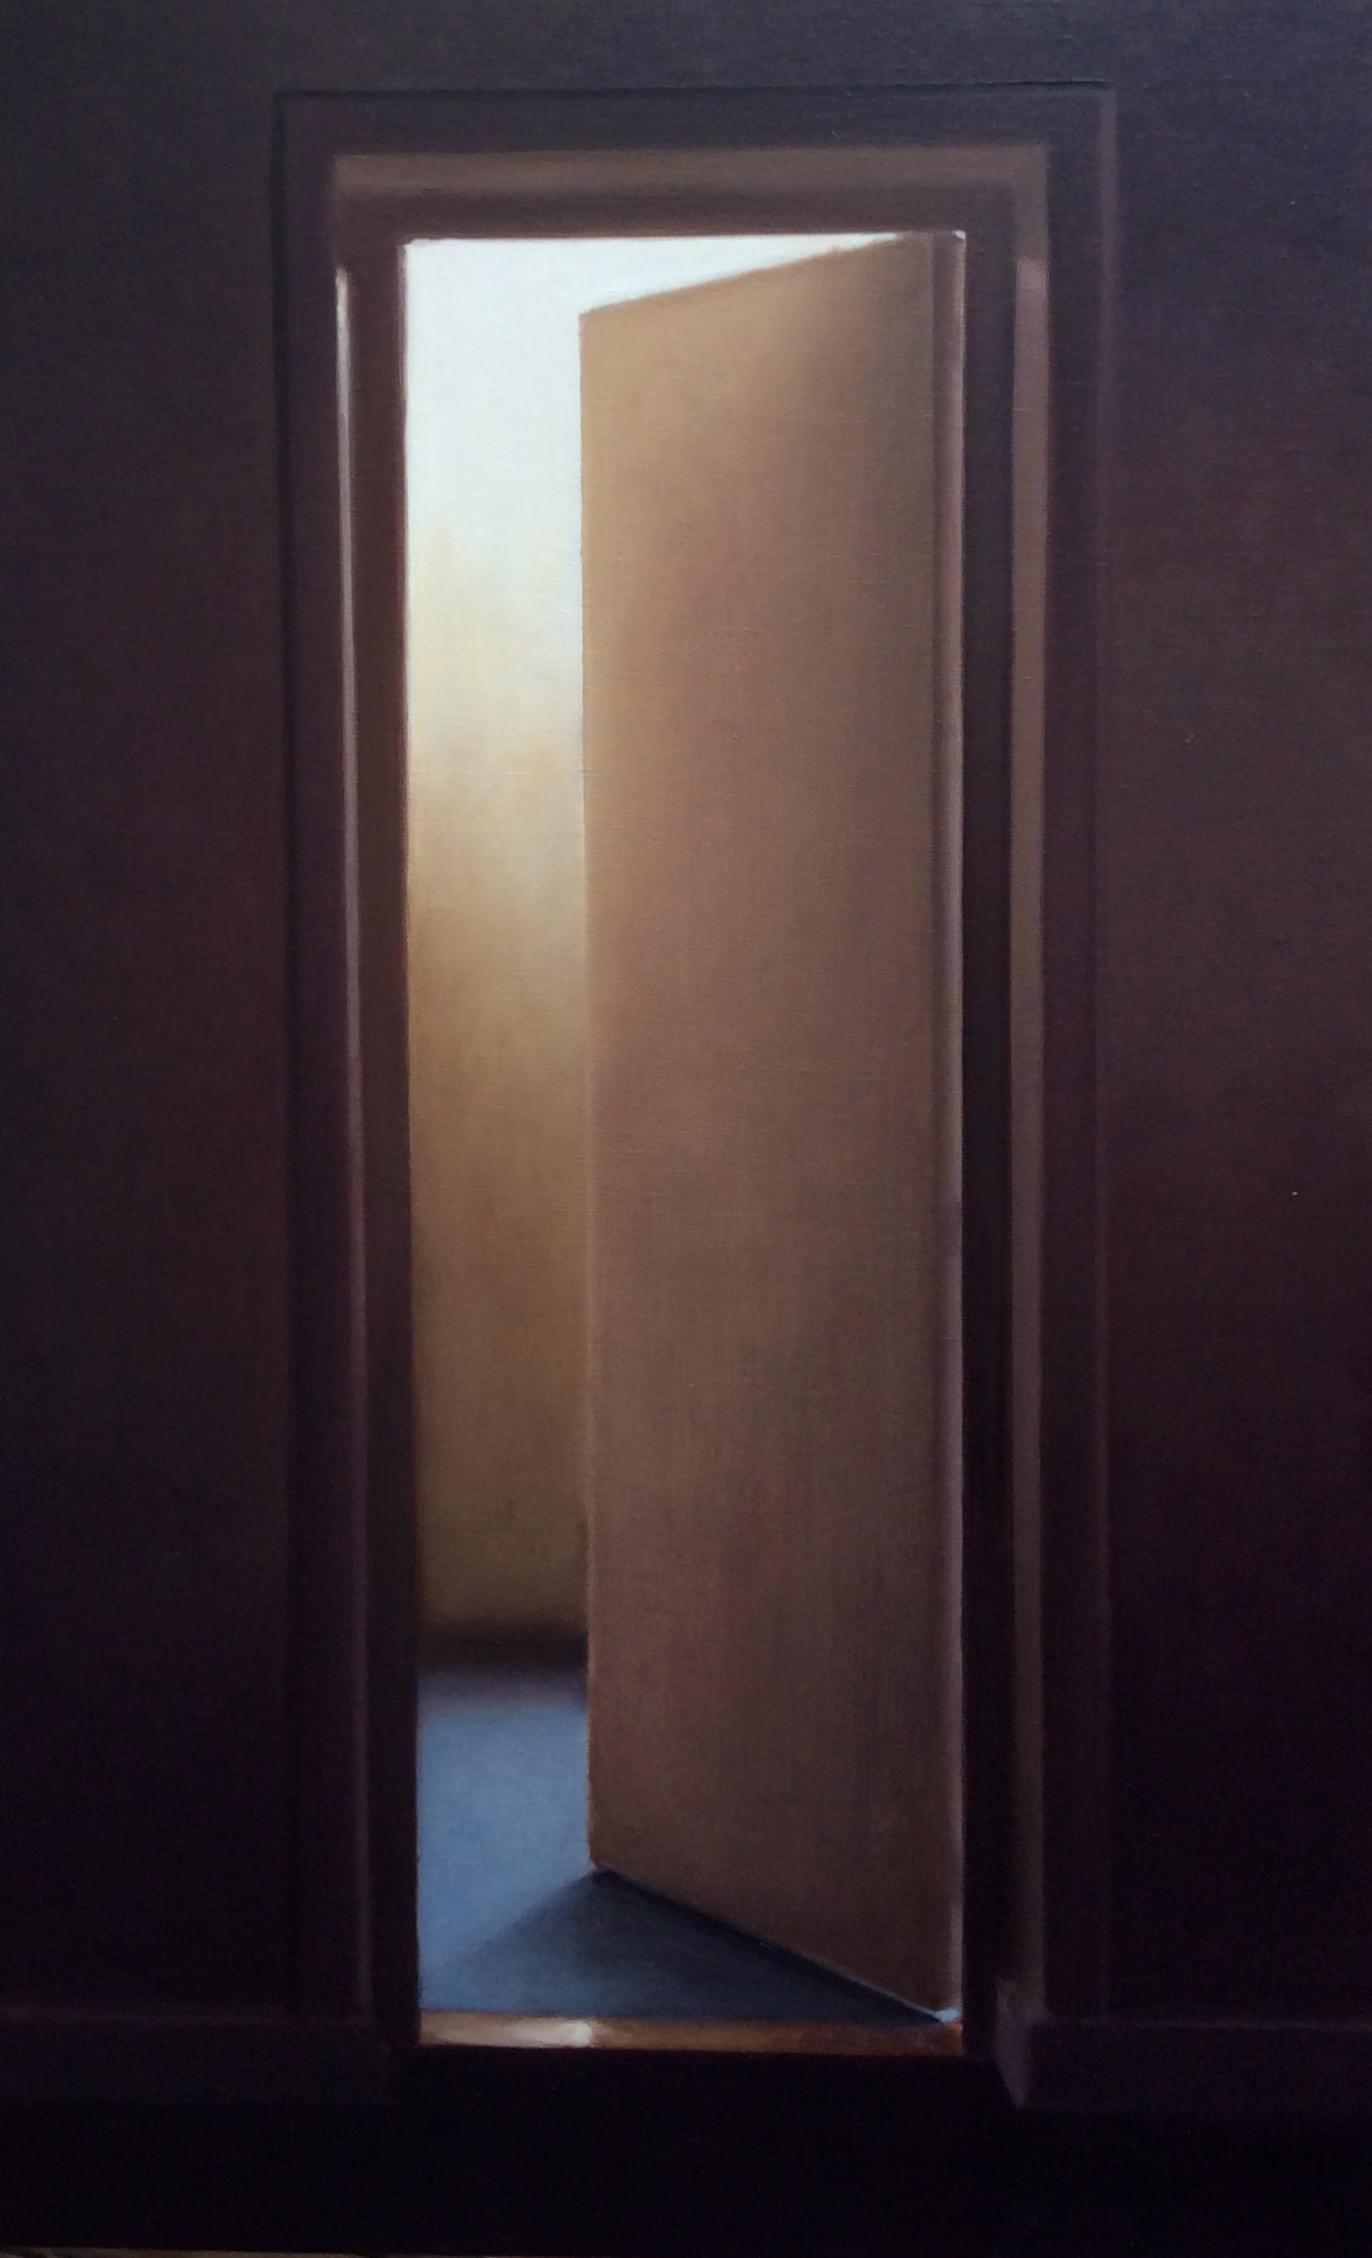 SC457. Baño del Hotel de Suez Óleo sobre lienzo 90 x 55 cm 2016